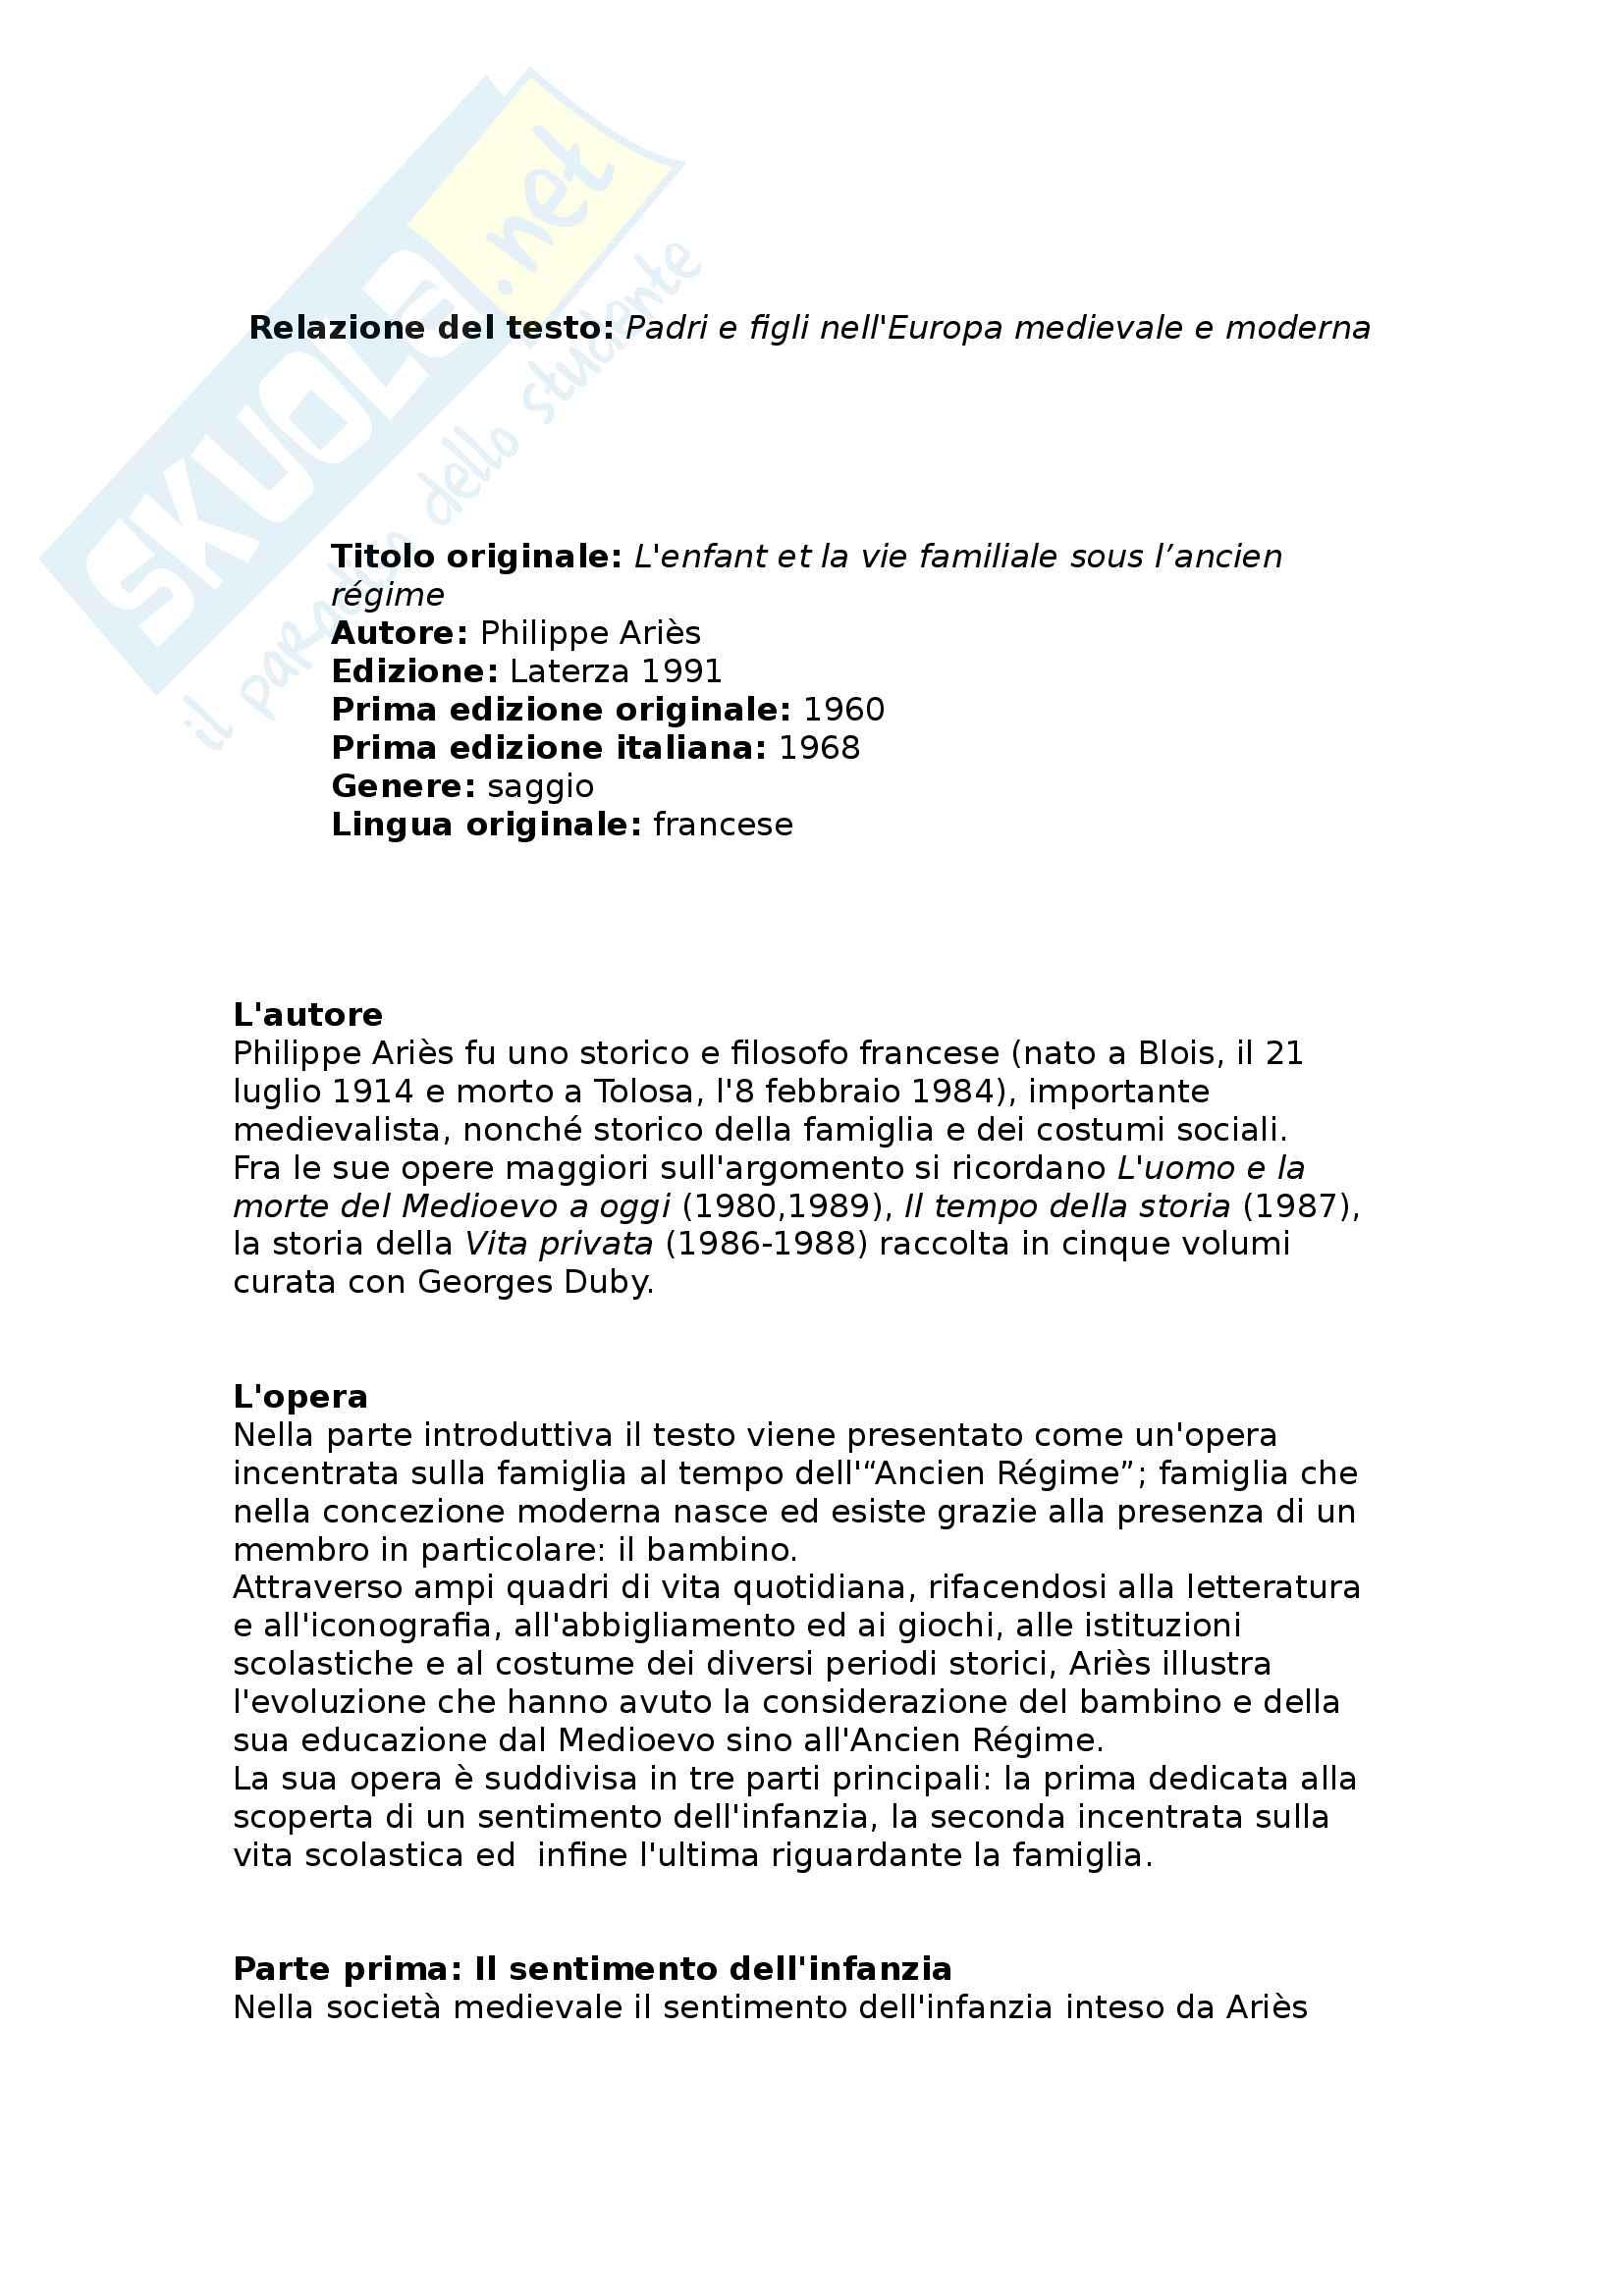 Riassunto esame storia dell'educazione e dell'infanzia, prof. Merlo, libro consigliato Padri e figli nell'Europa medievale e moderna, Philippe Ariès